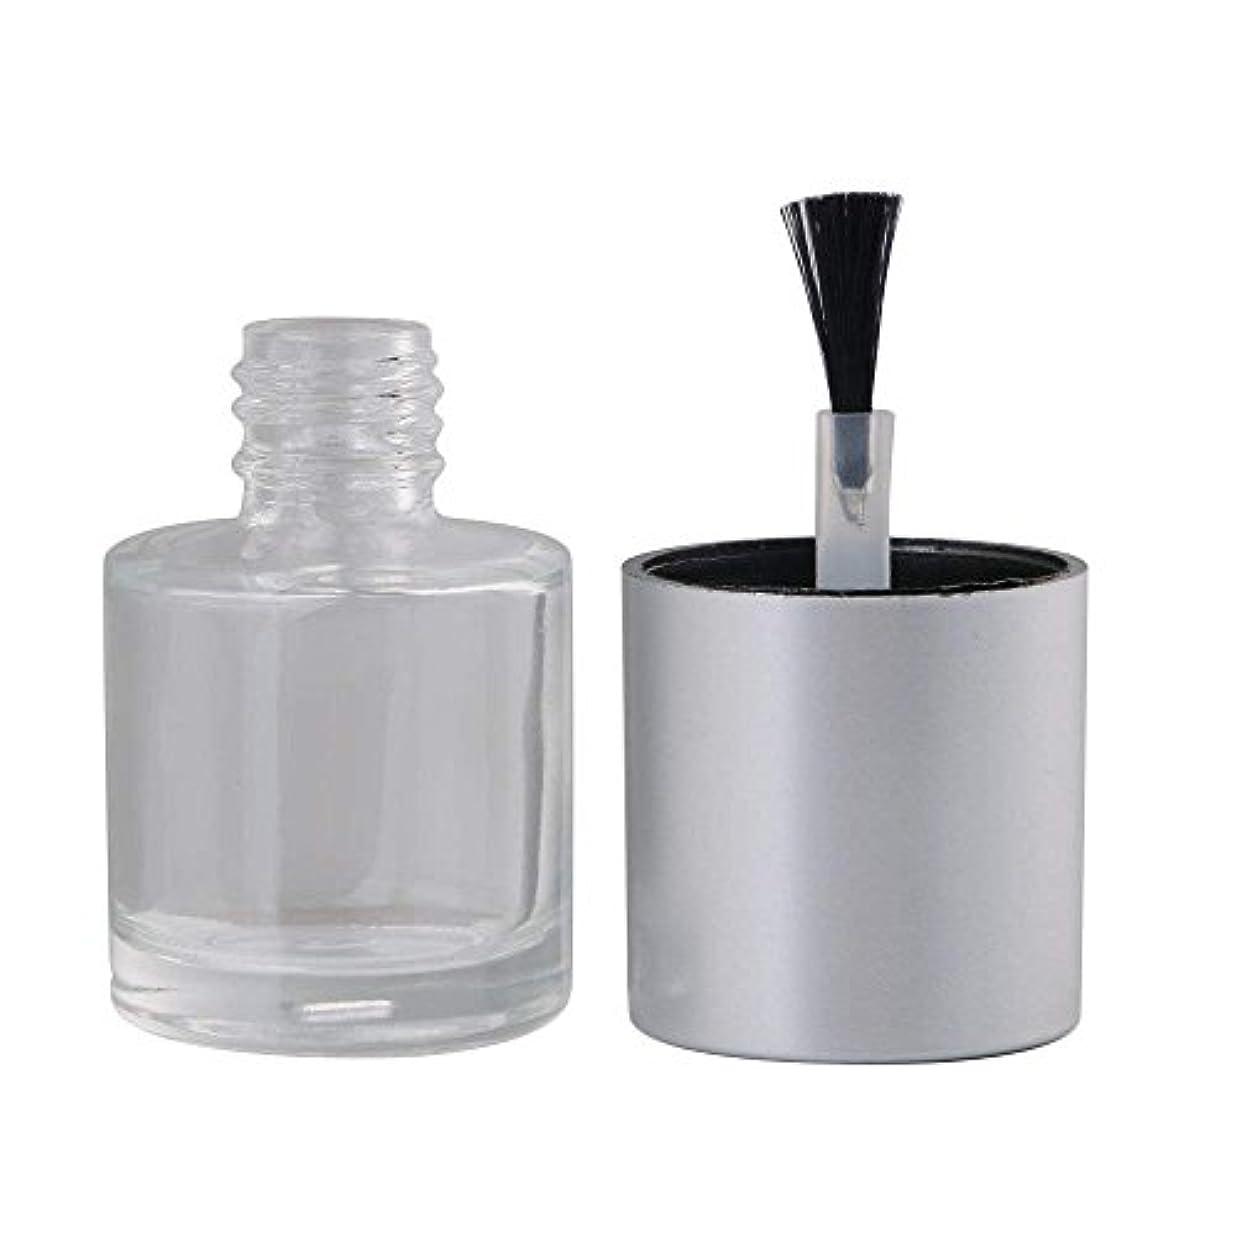 南報酬のお願いしますDiystyle 10個入 マニキュアボトル 空ボトル 10ml 小分けボトル 詰め替え 化粧品収納 旅行用品 ガラス グレー